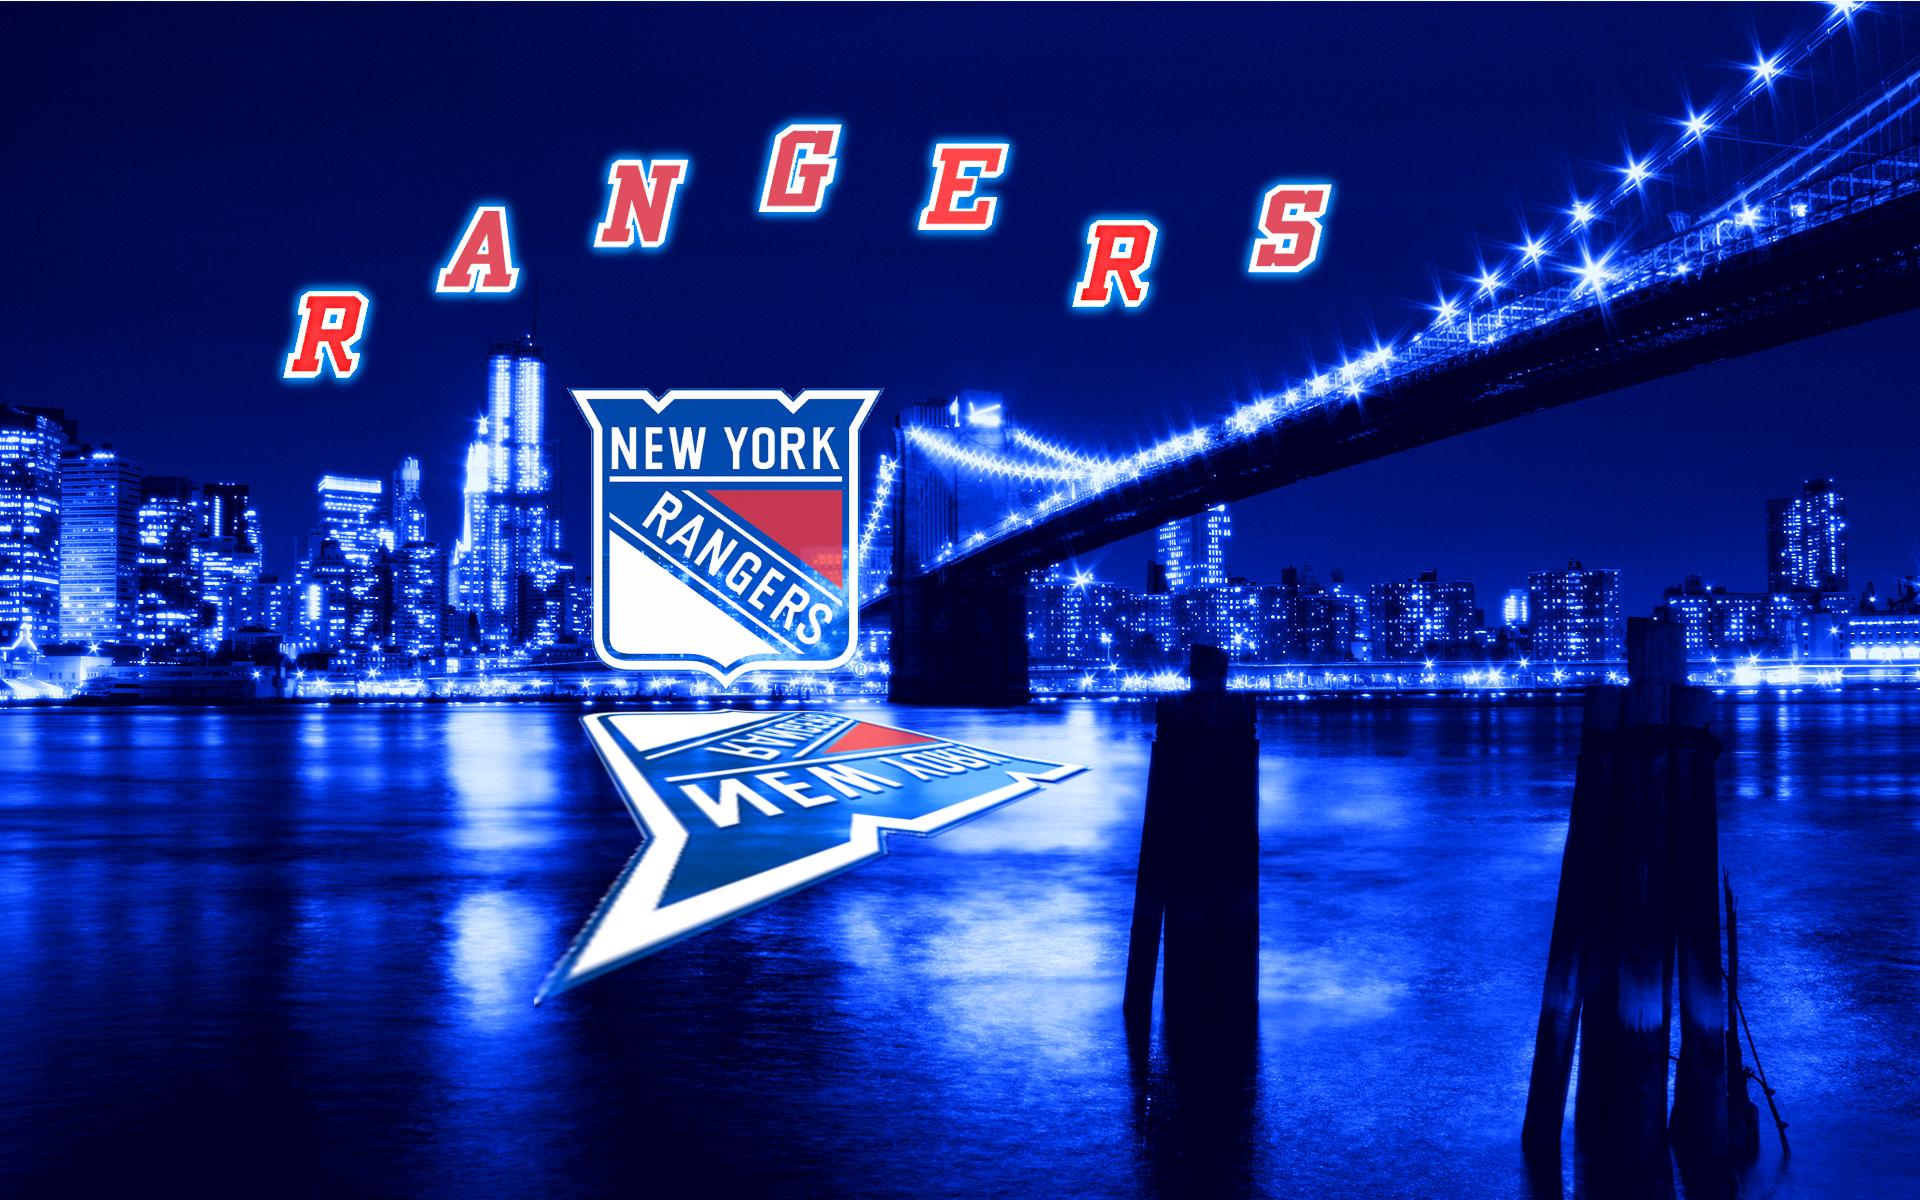 3d Wallpaper Ny Giants New York Rangers Wallpaper 1920x1200 54077